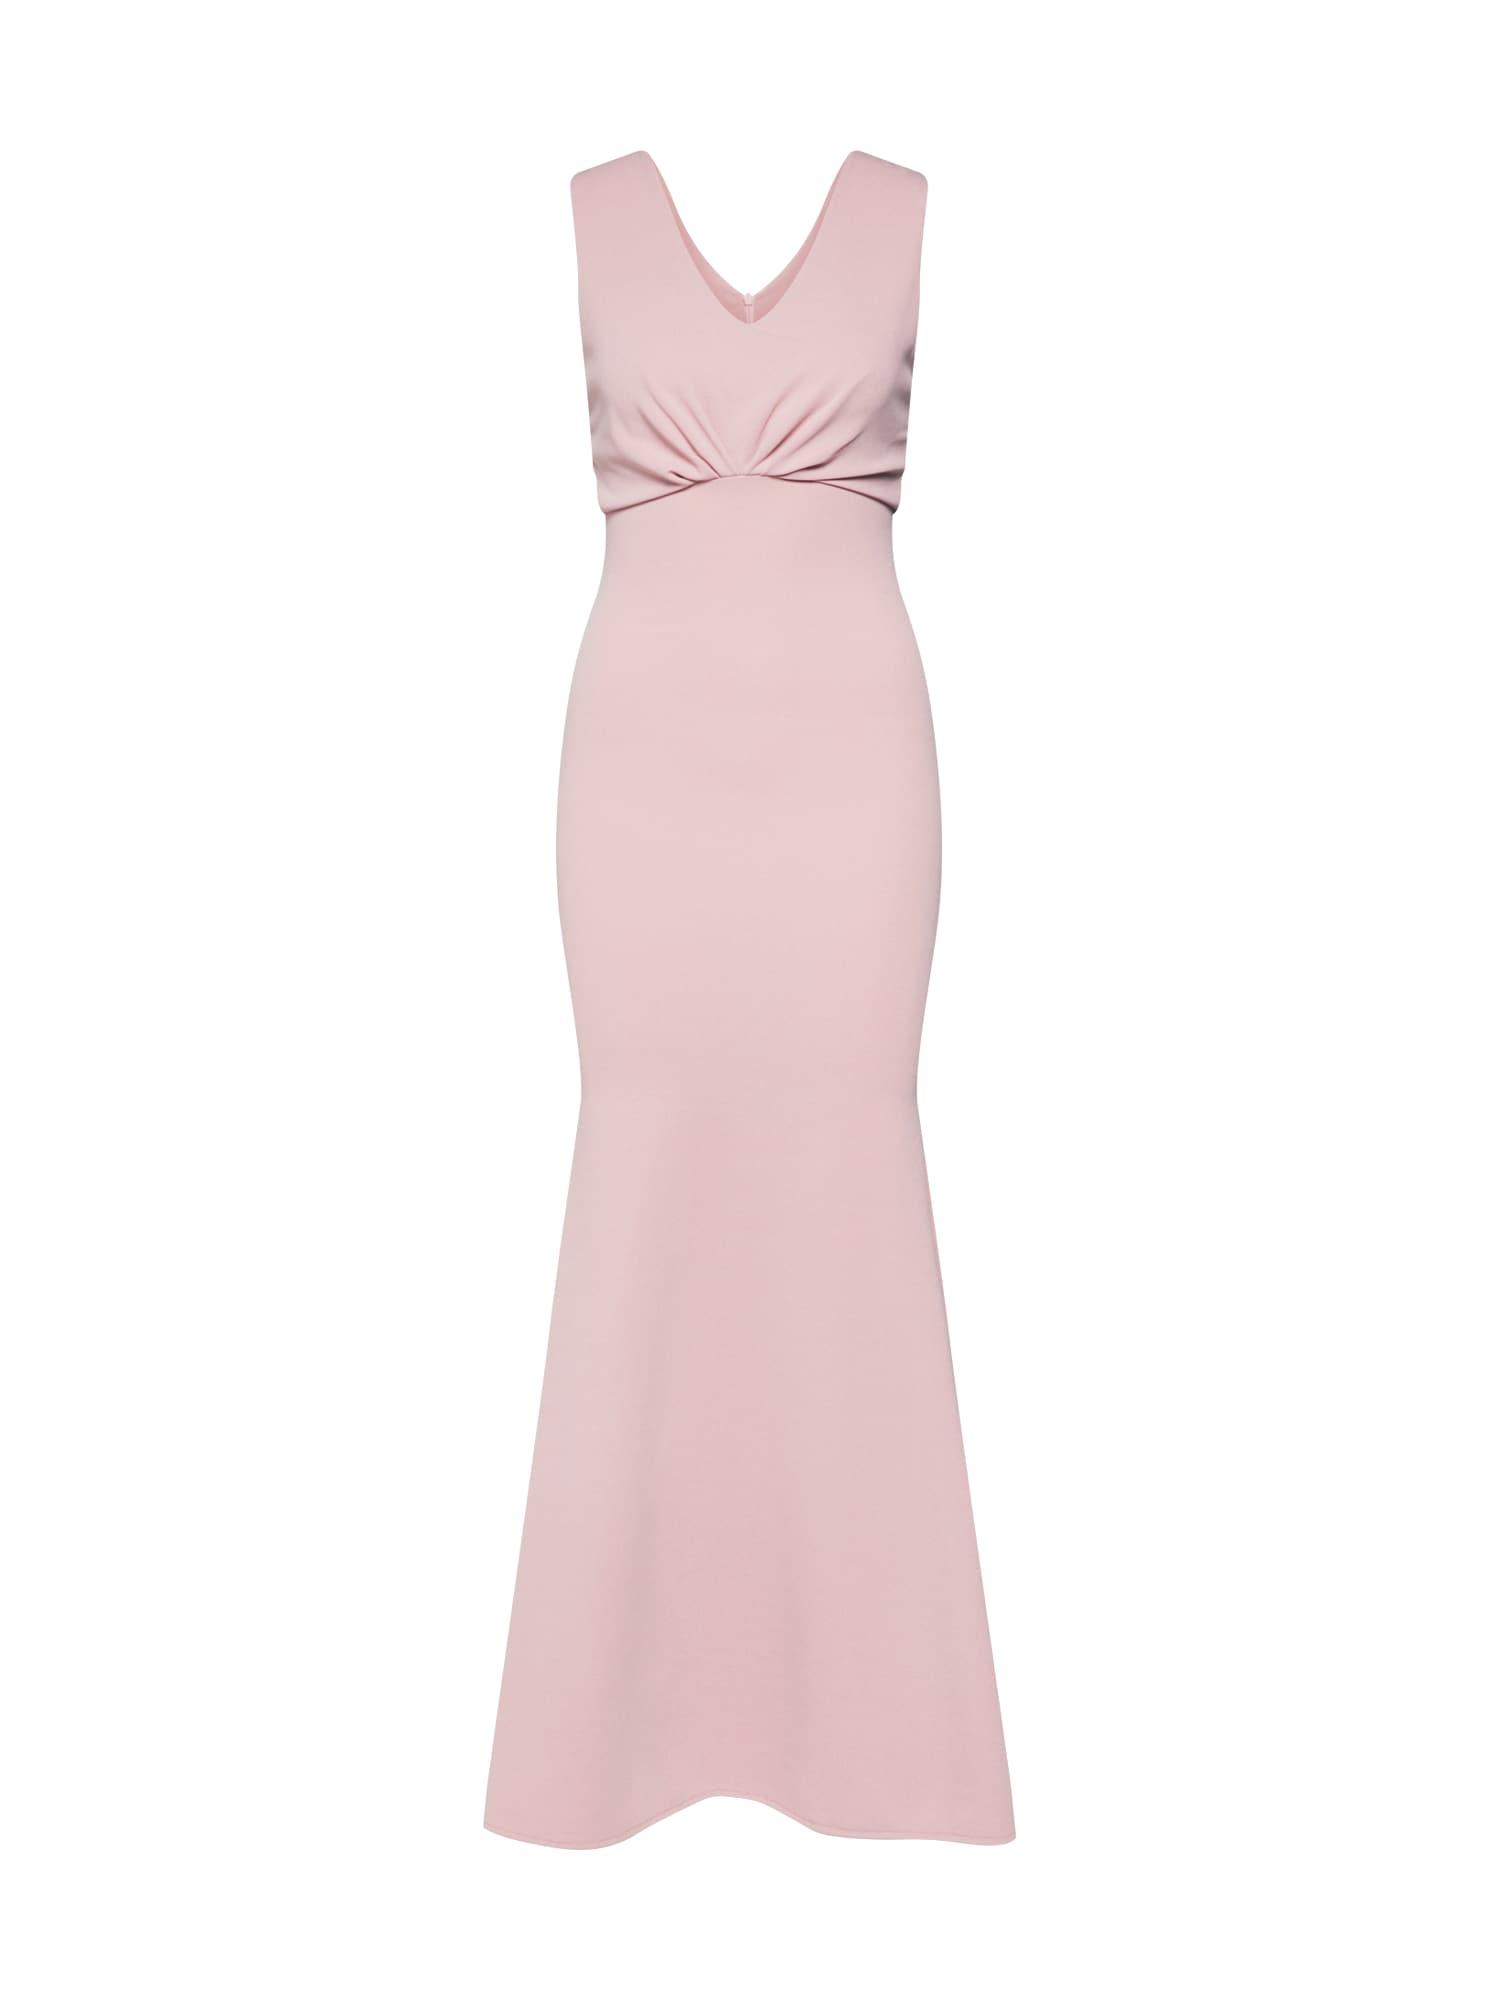 Společenské šaty WG 8513 růžová WAL G.